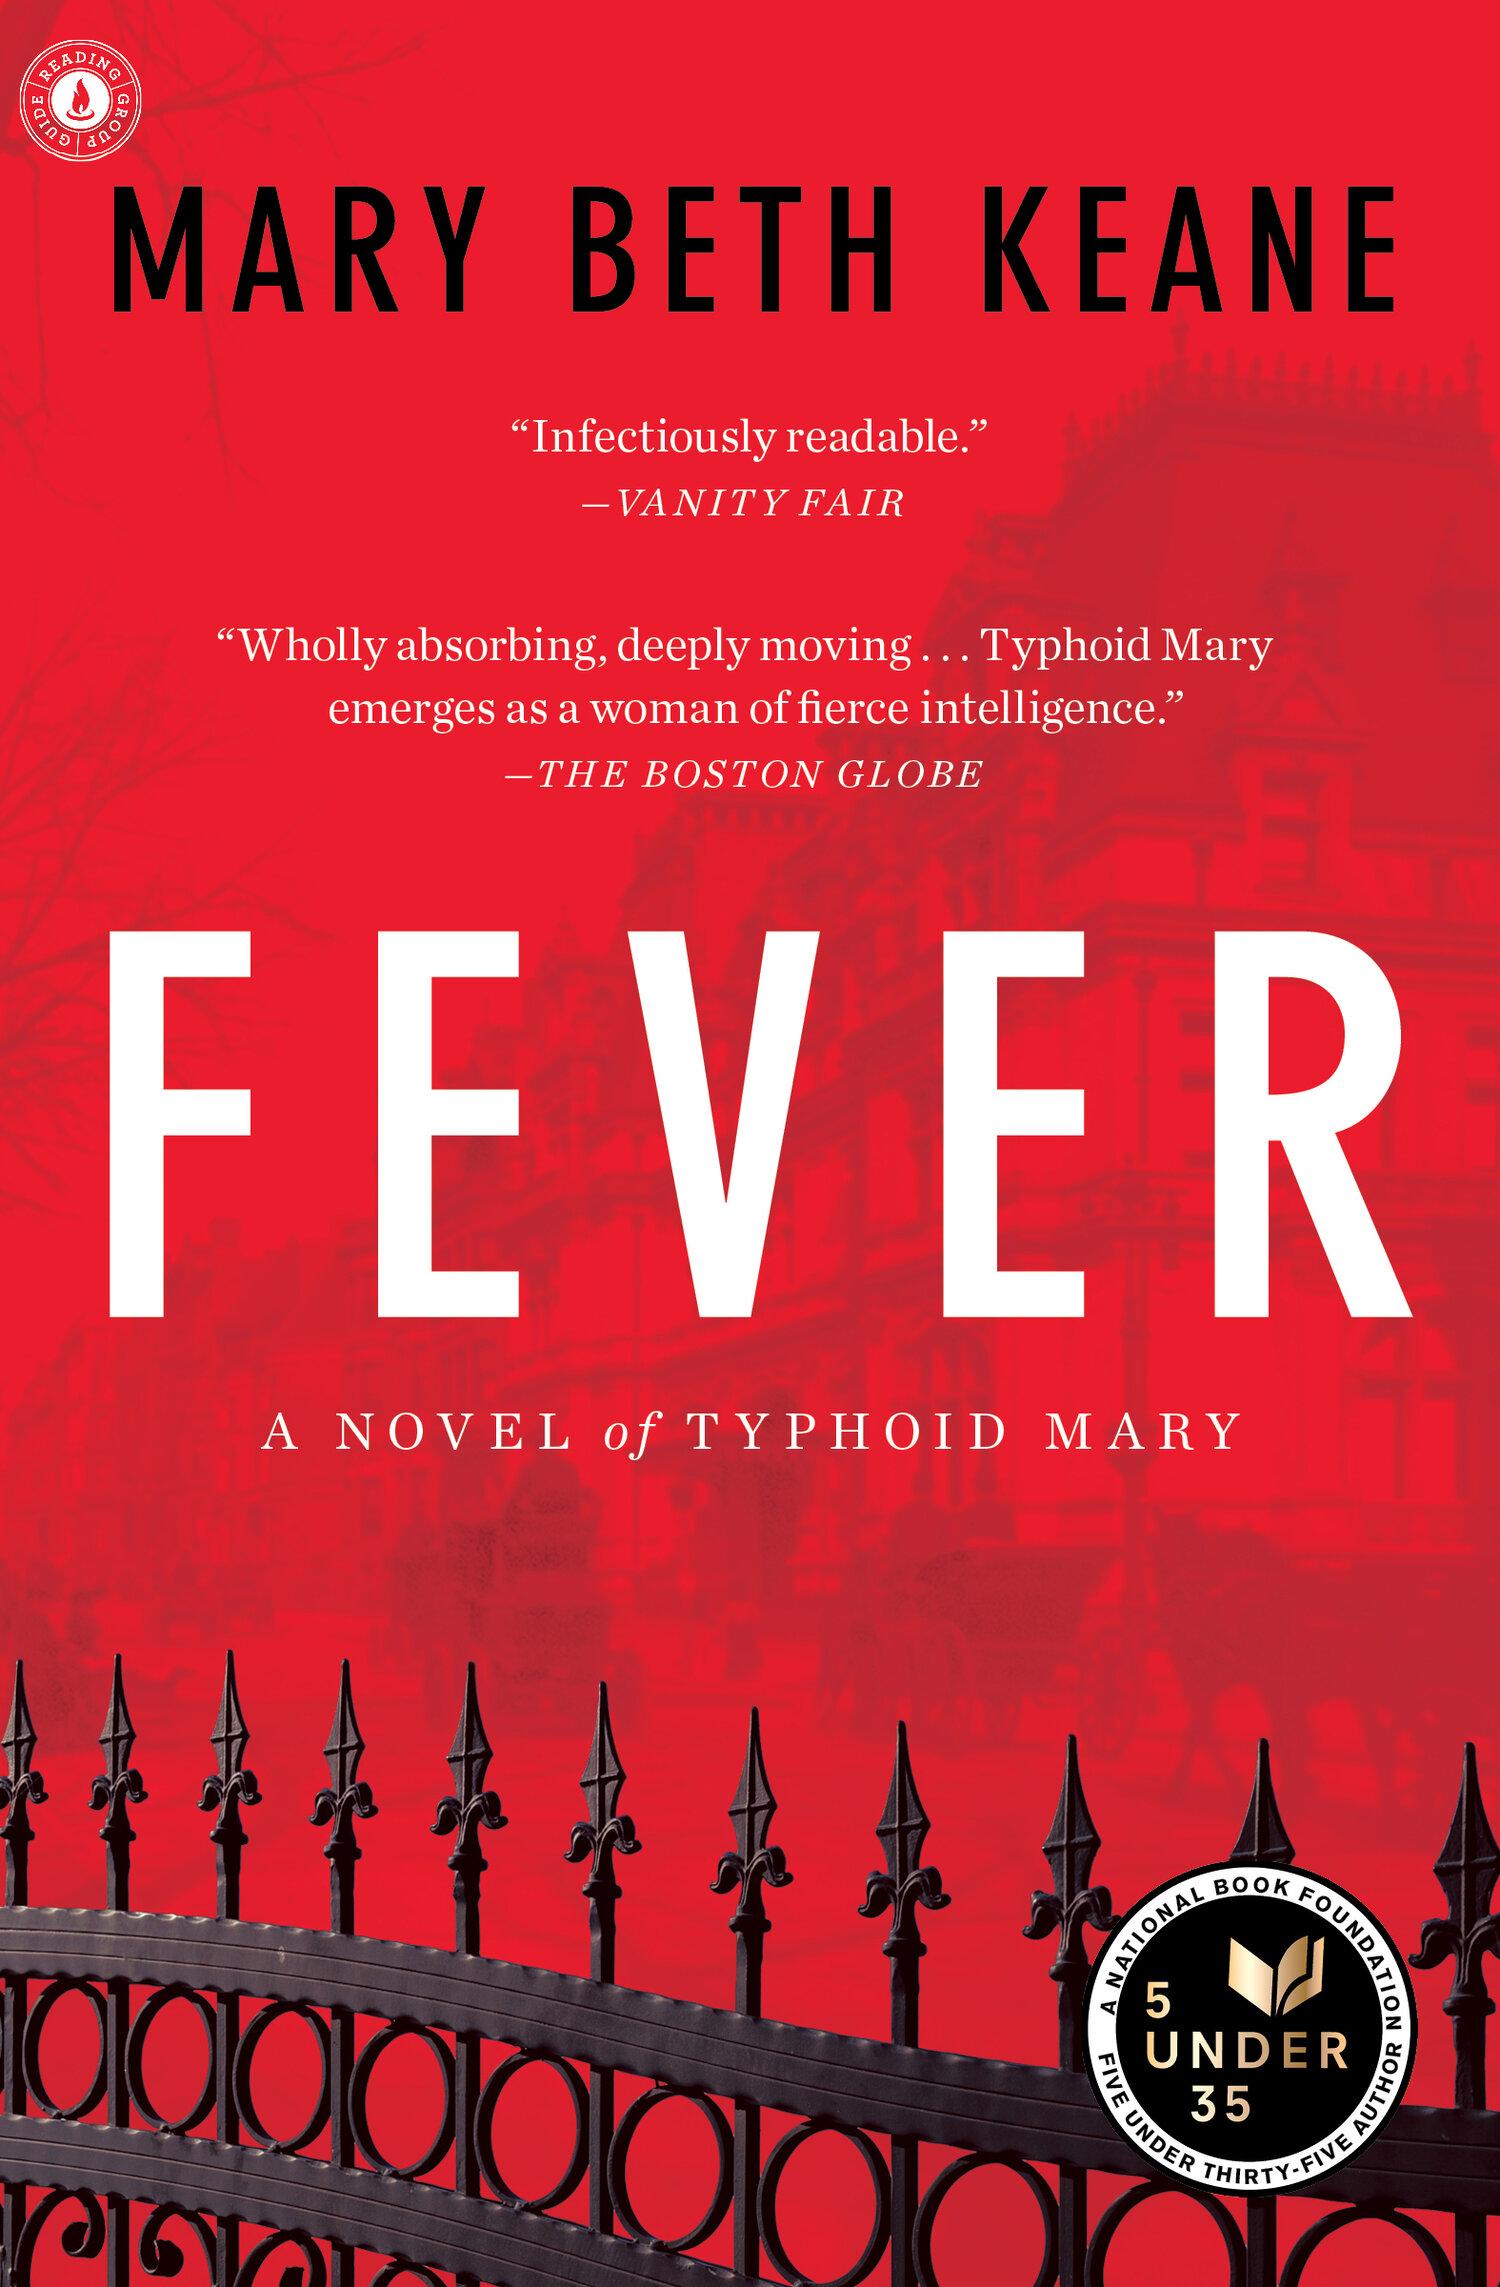 9781451693423.Fever.jpg